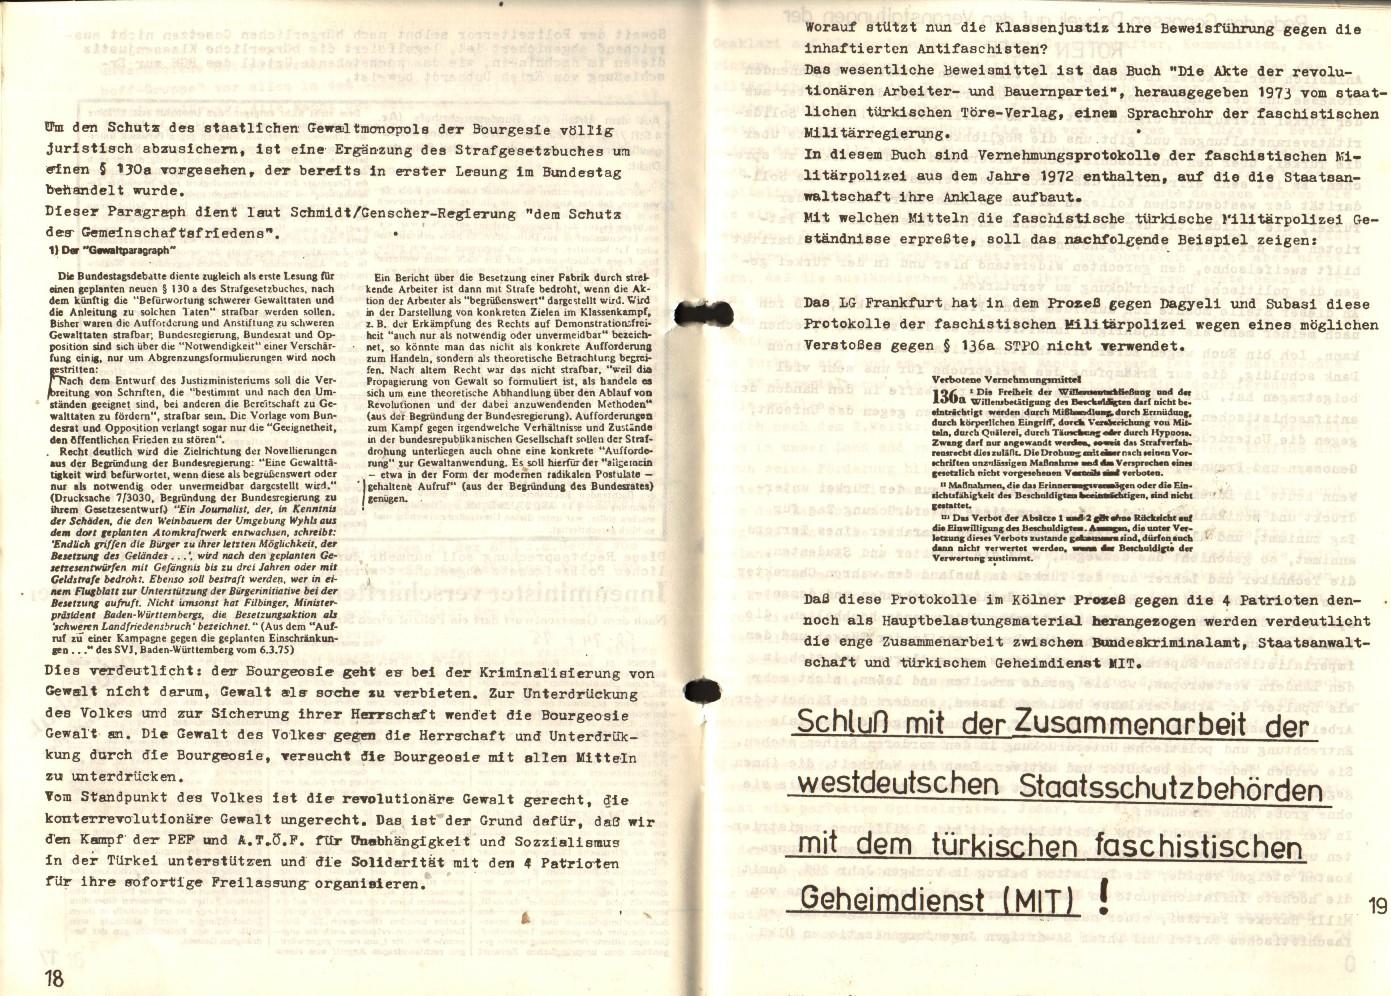 NRW_Rote_Hilfe_1975_Sofortige_Freilassung_der_tuerkischen_Patrioten_11